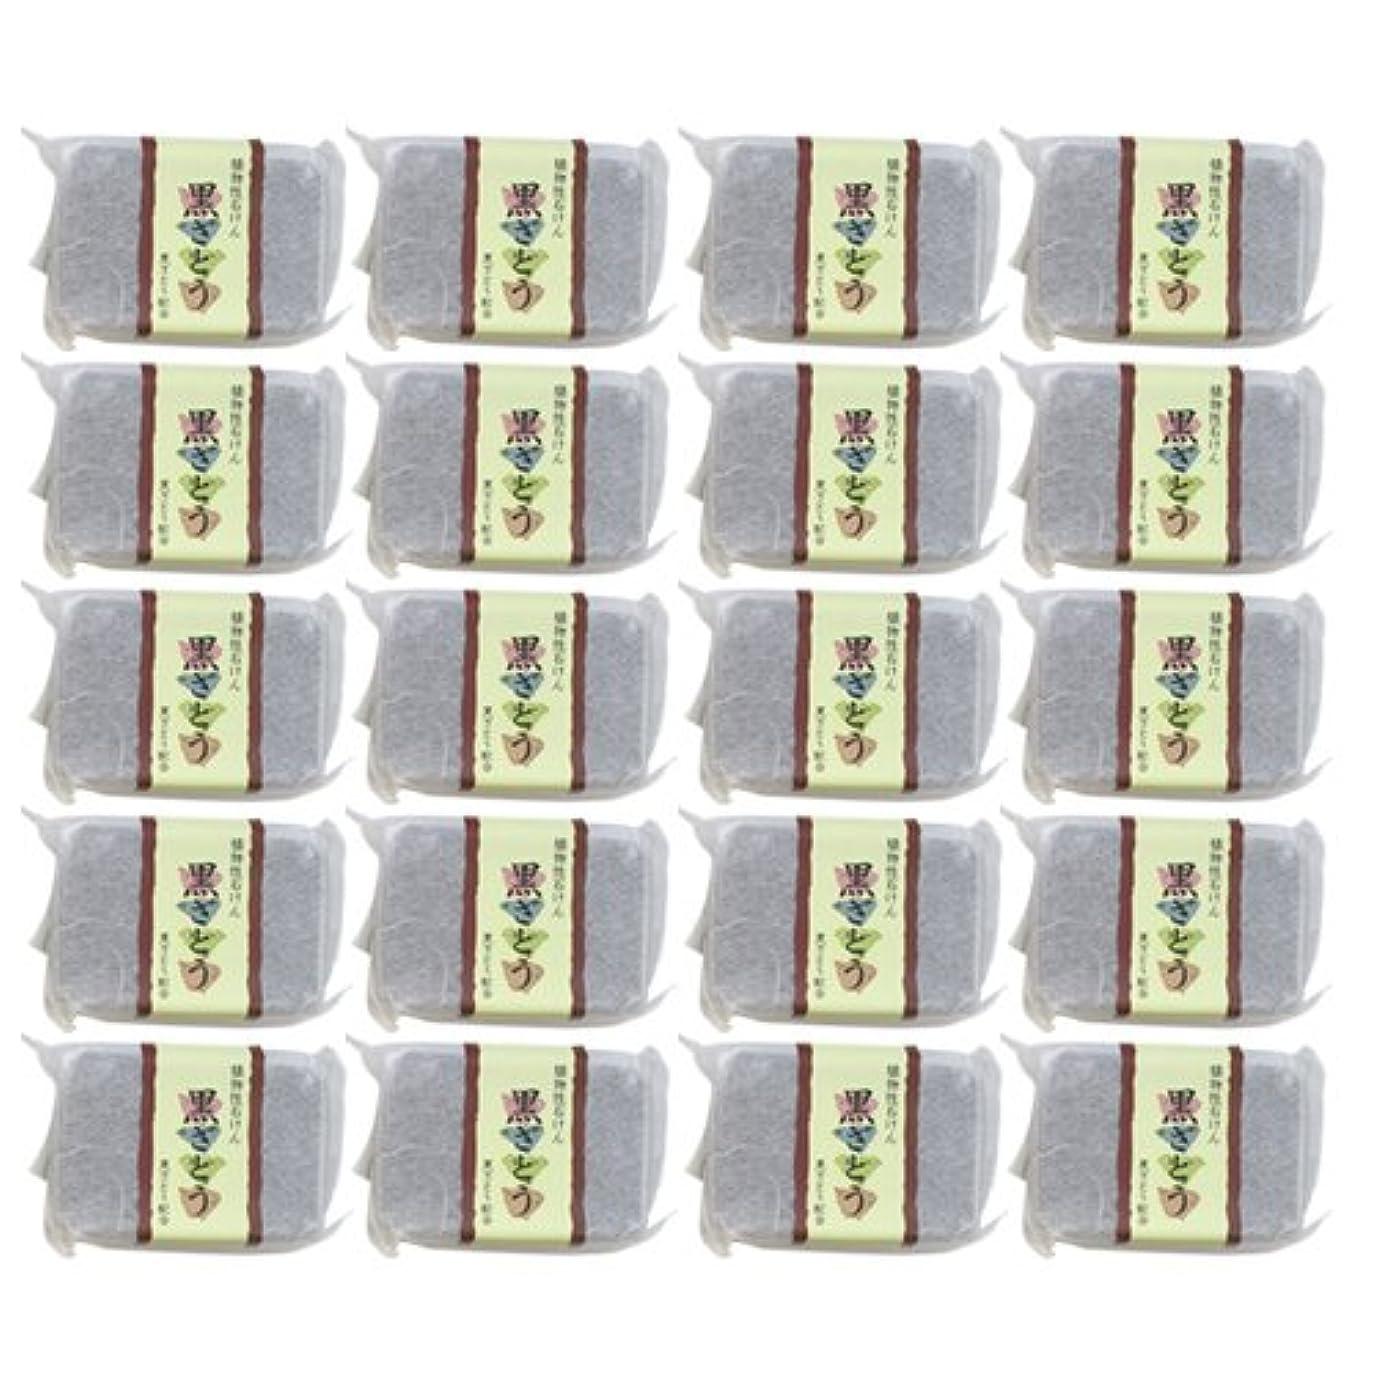 のぞき見消費者感覚植物性ソープ 自然石けん 黒ざとう 80g×20個セット